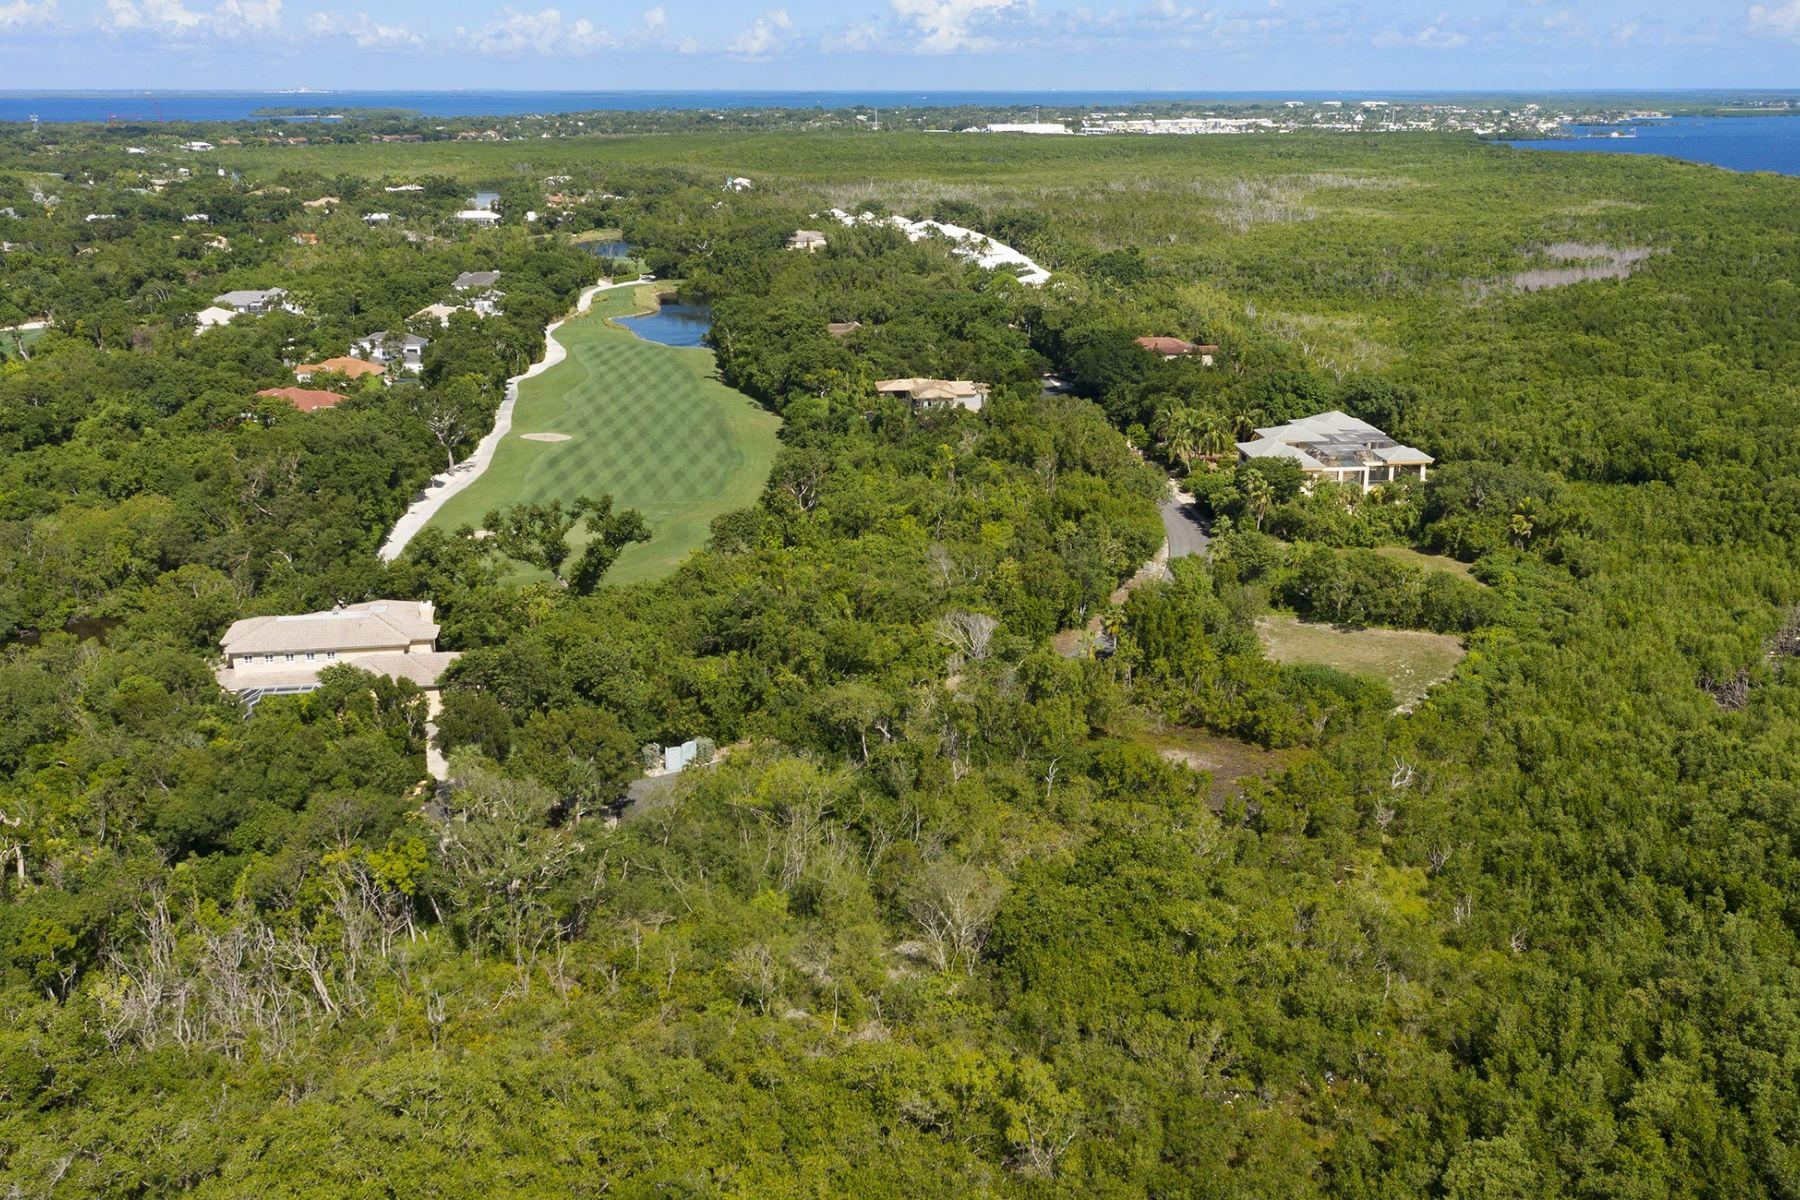 Οικόπεδο για την Πώληση στο 630 Coral Lane, Key Largo, FL Key Largo, Φλοριντα 33037 Ηνωμένες Πολιτείες